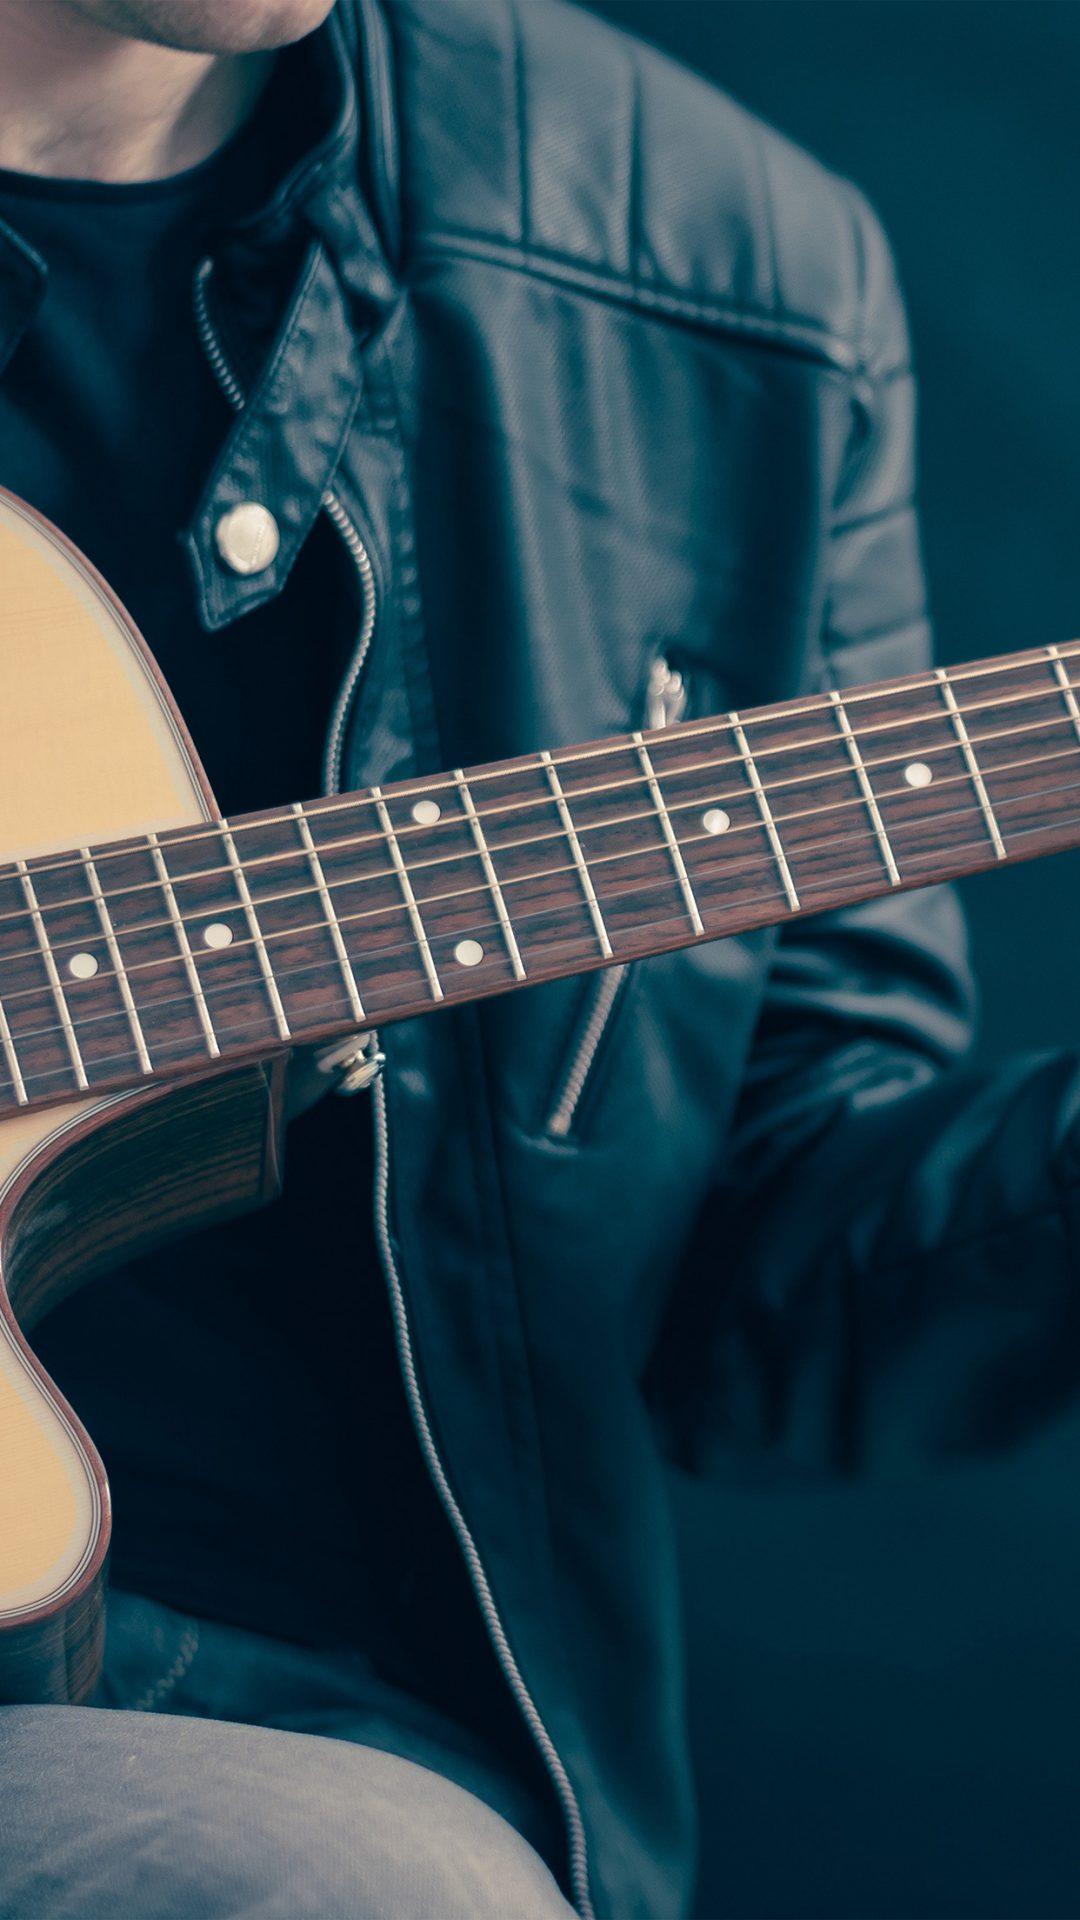 Guitar Classical Music Art Guy